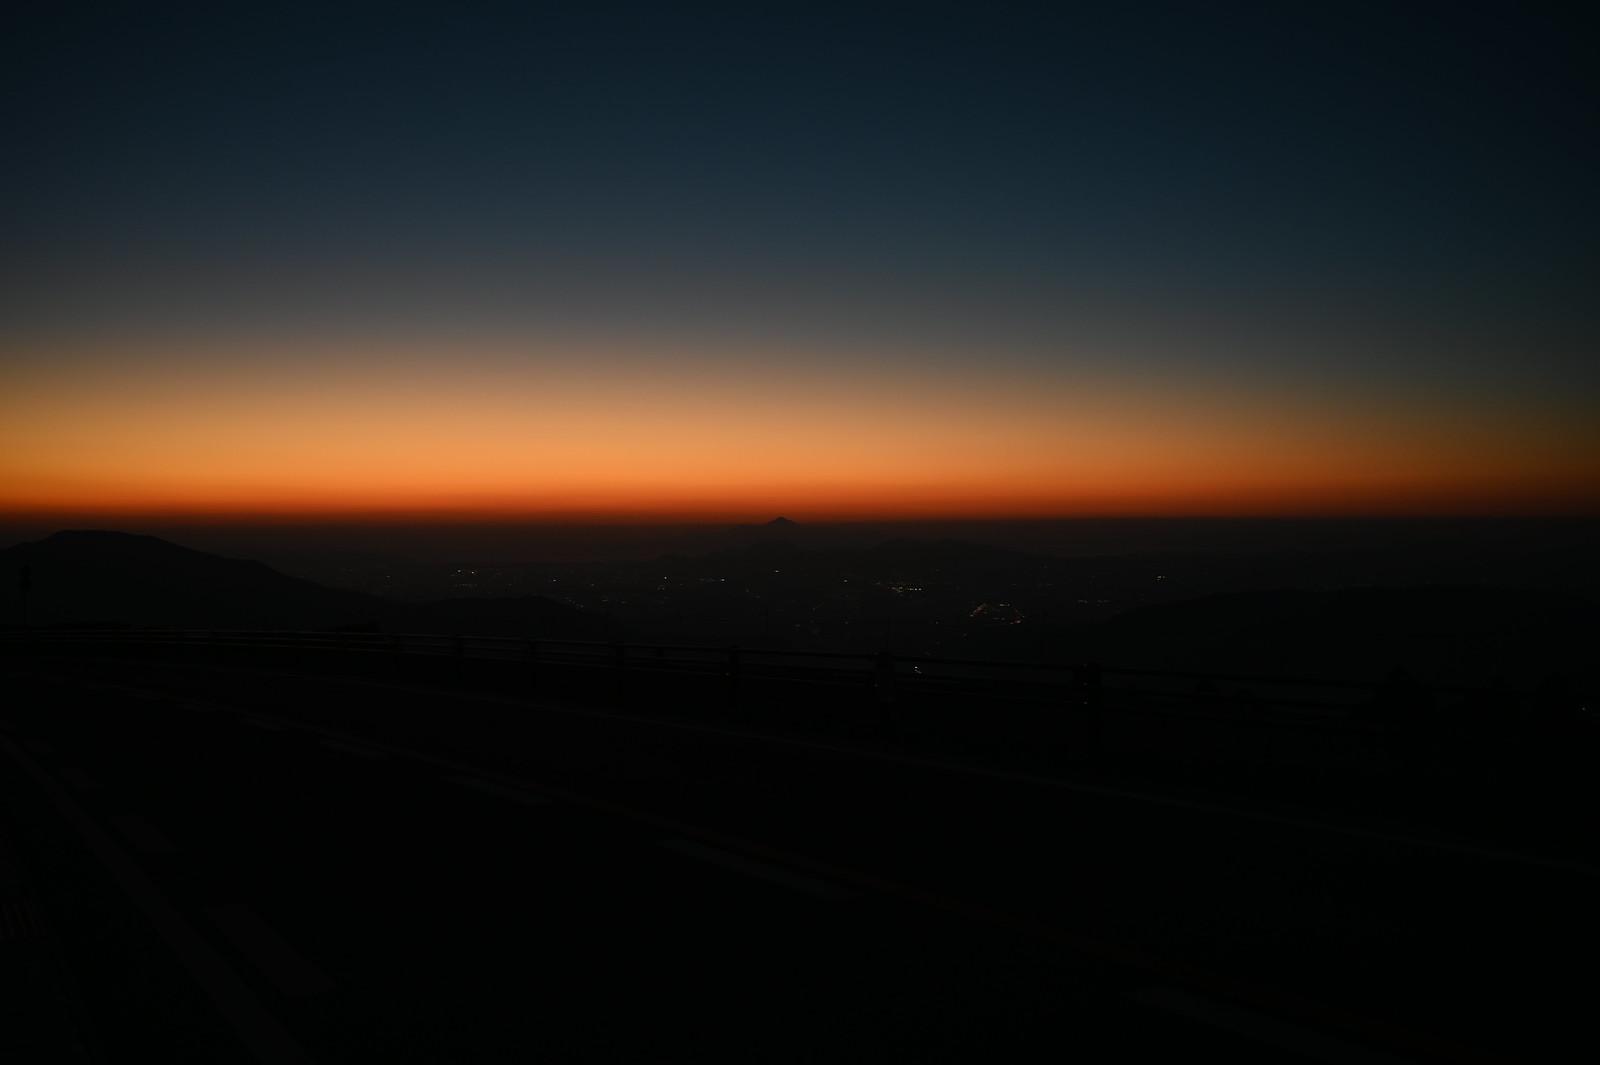 阿蘇山上から見る普賢岳 / Mount Fugendake from Mount Aso